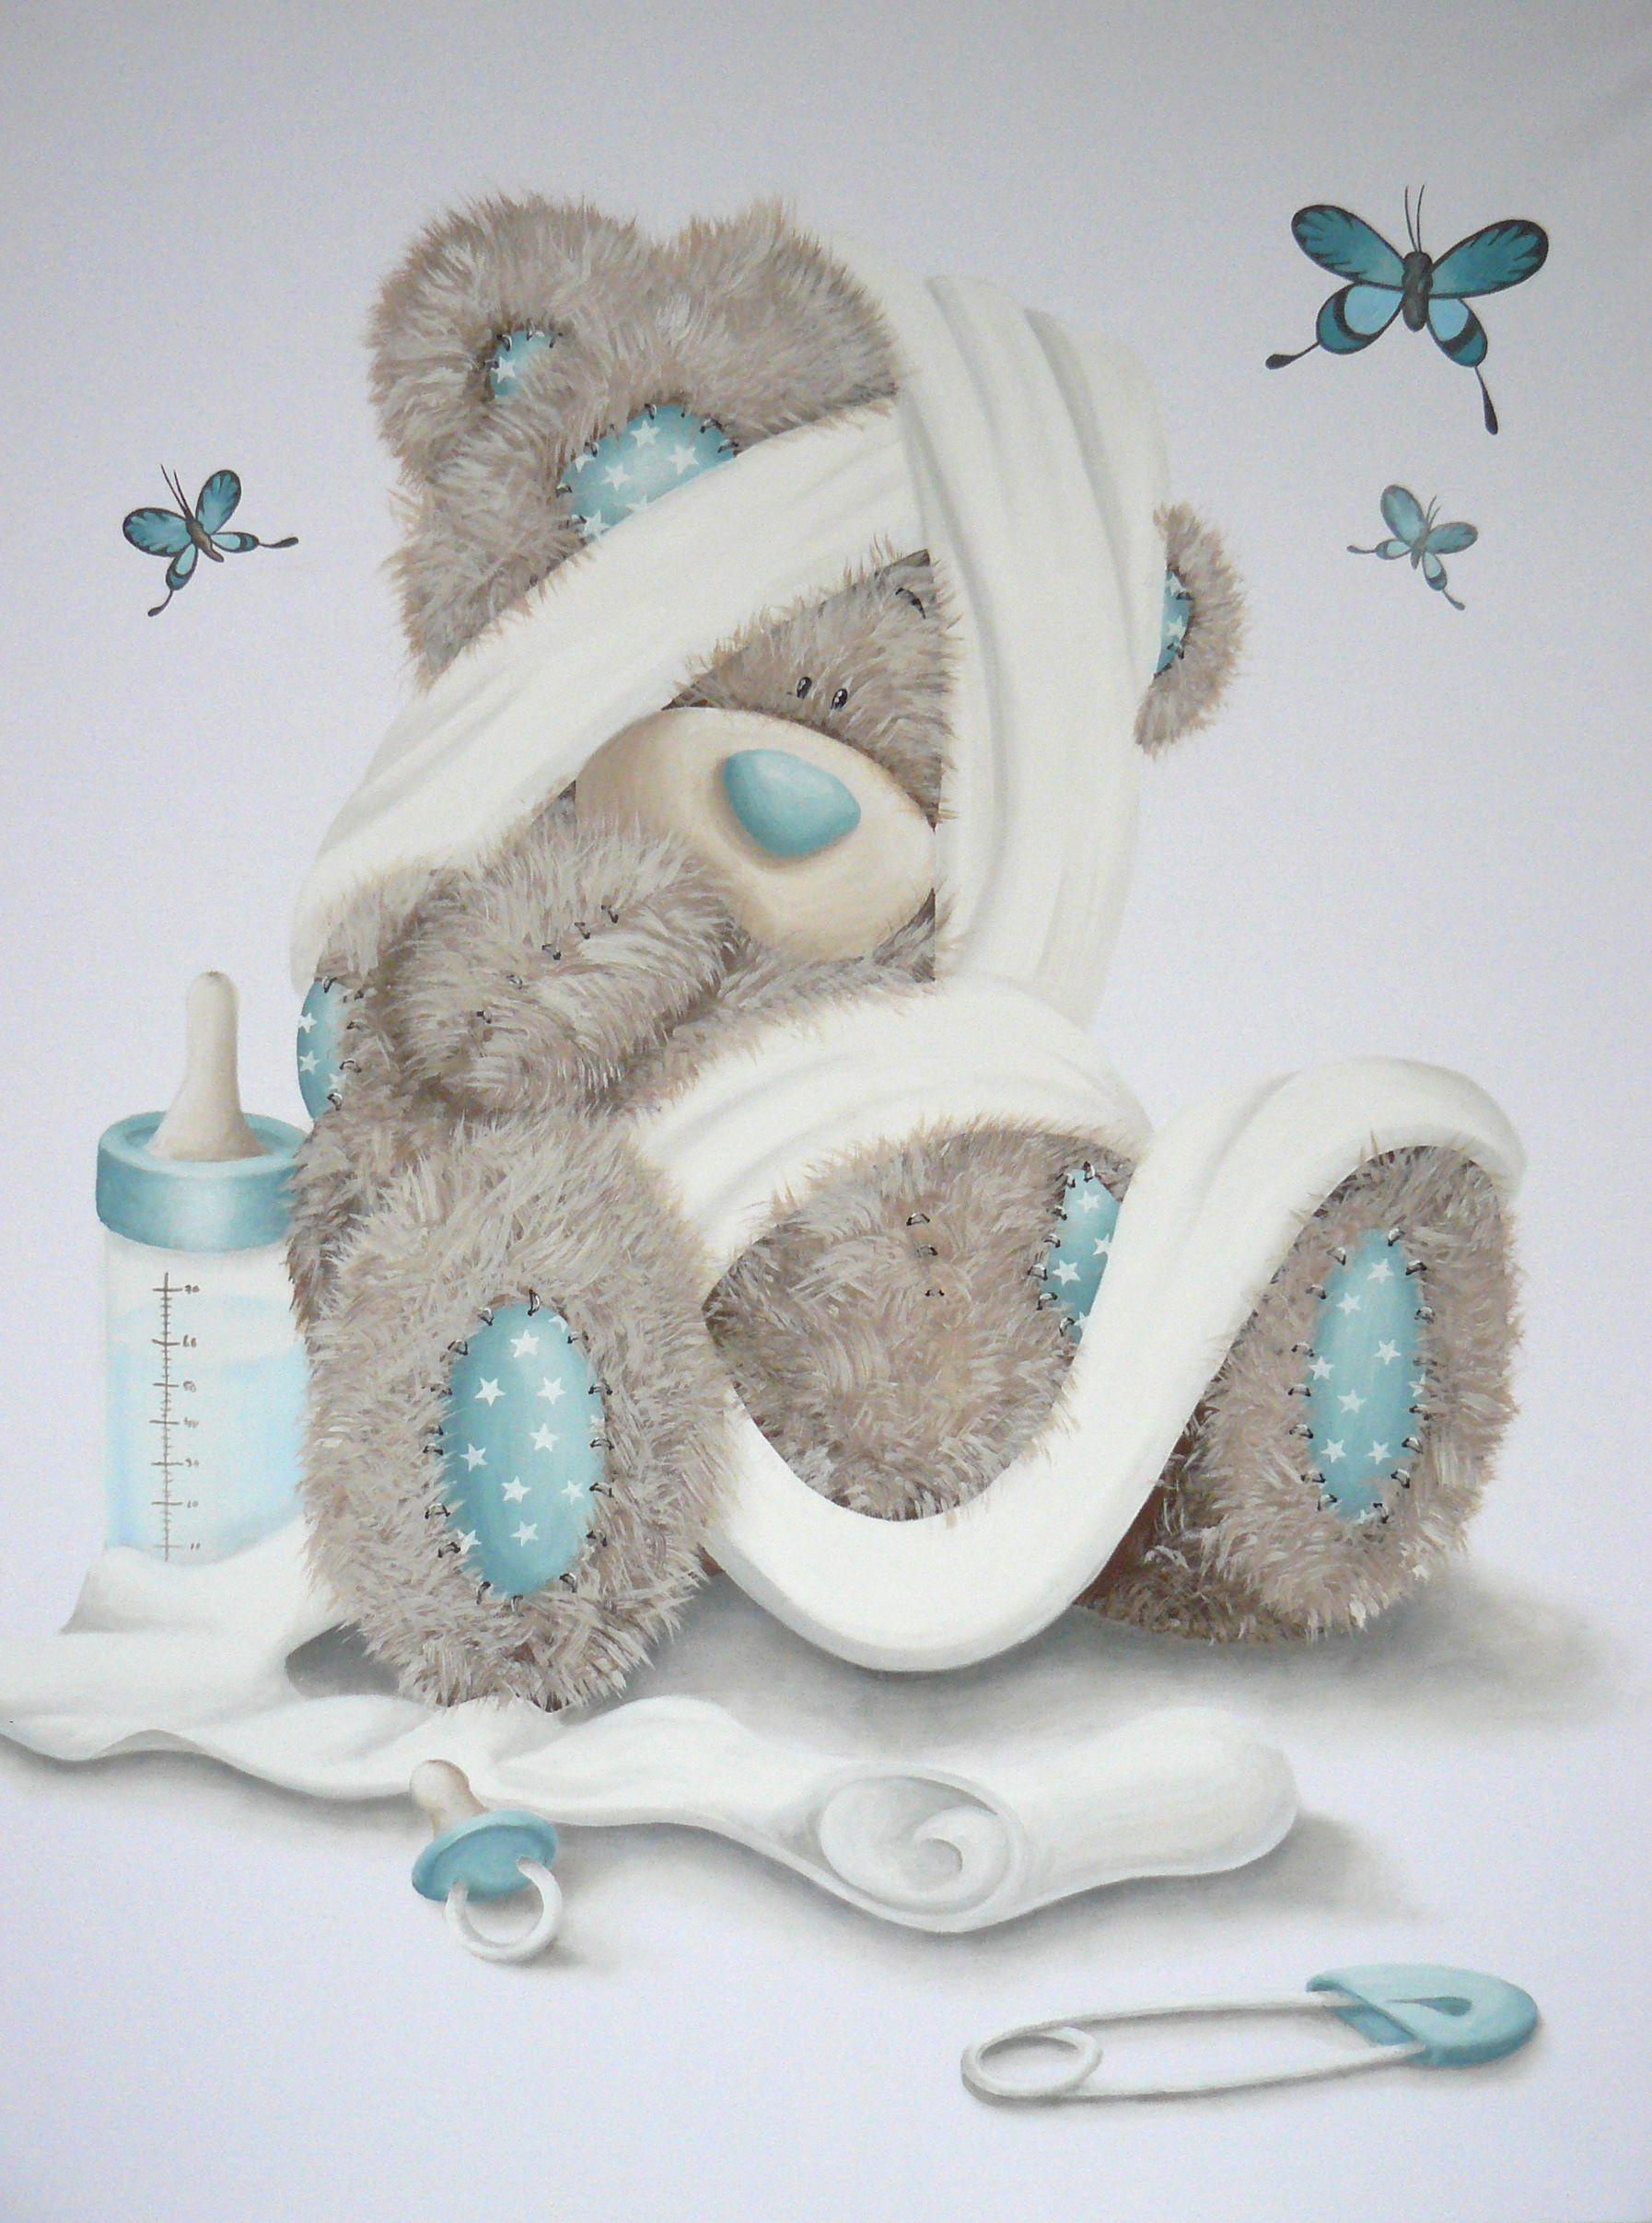 Pin von claudia paloda auf baby kinderzimmer baby und baby basteln - Wandmalerei ideen ...